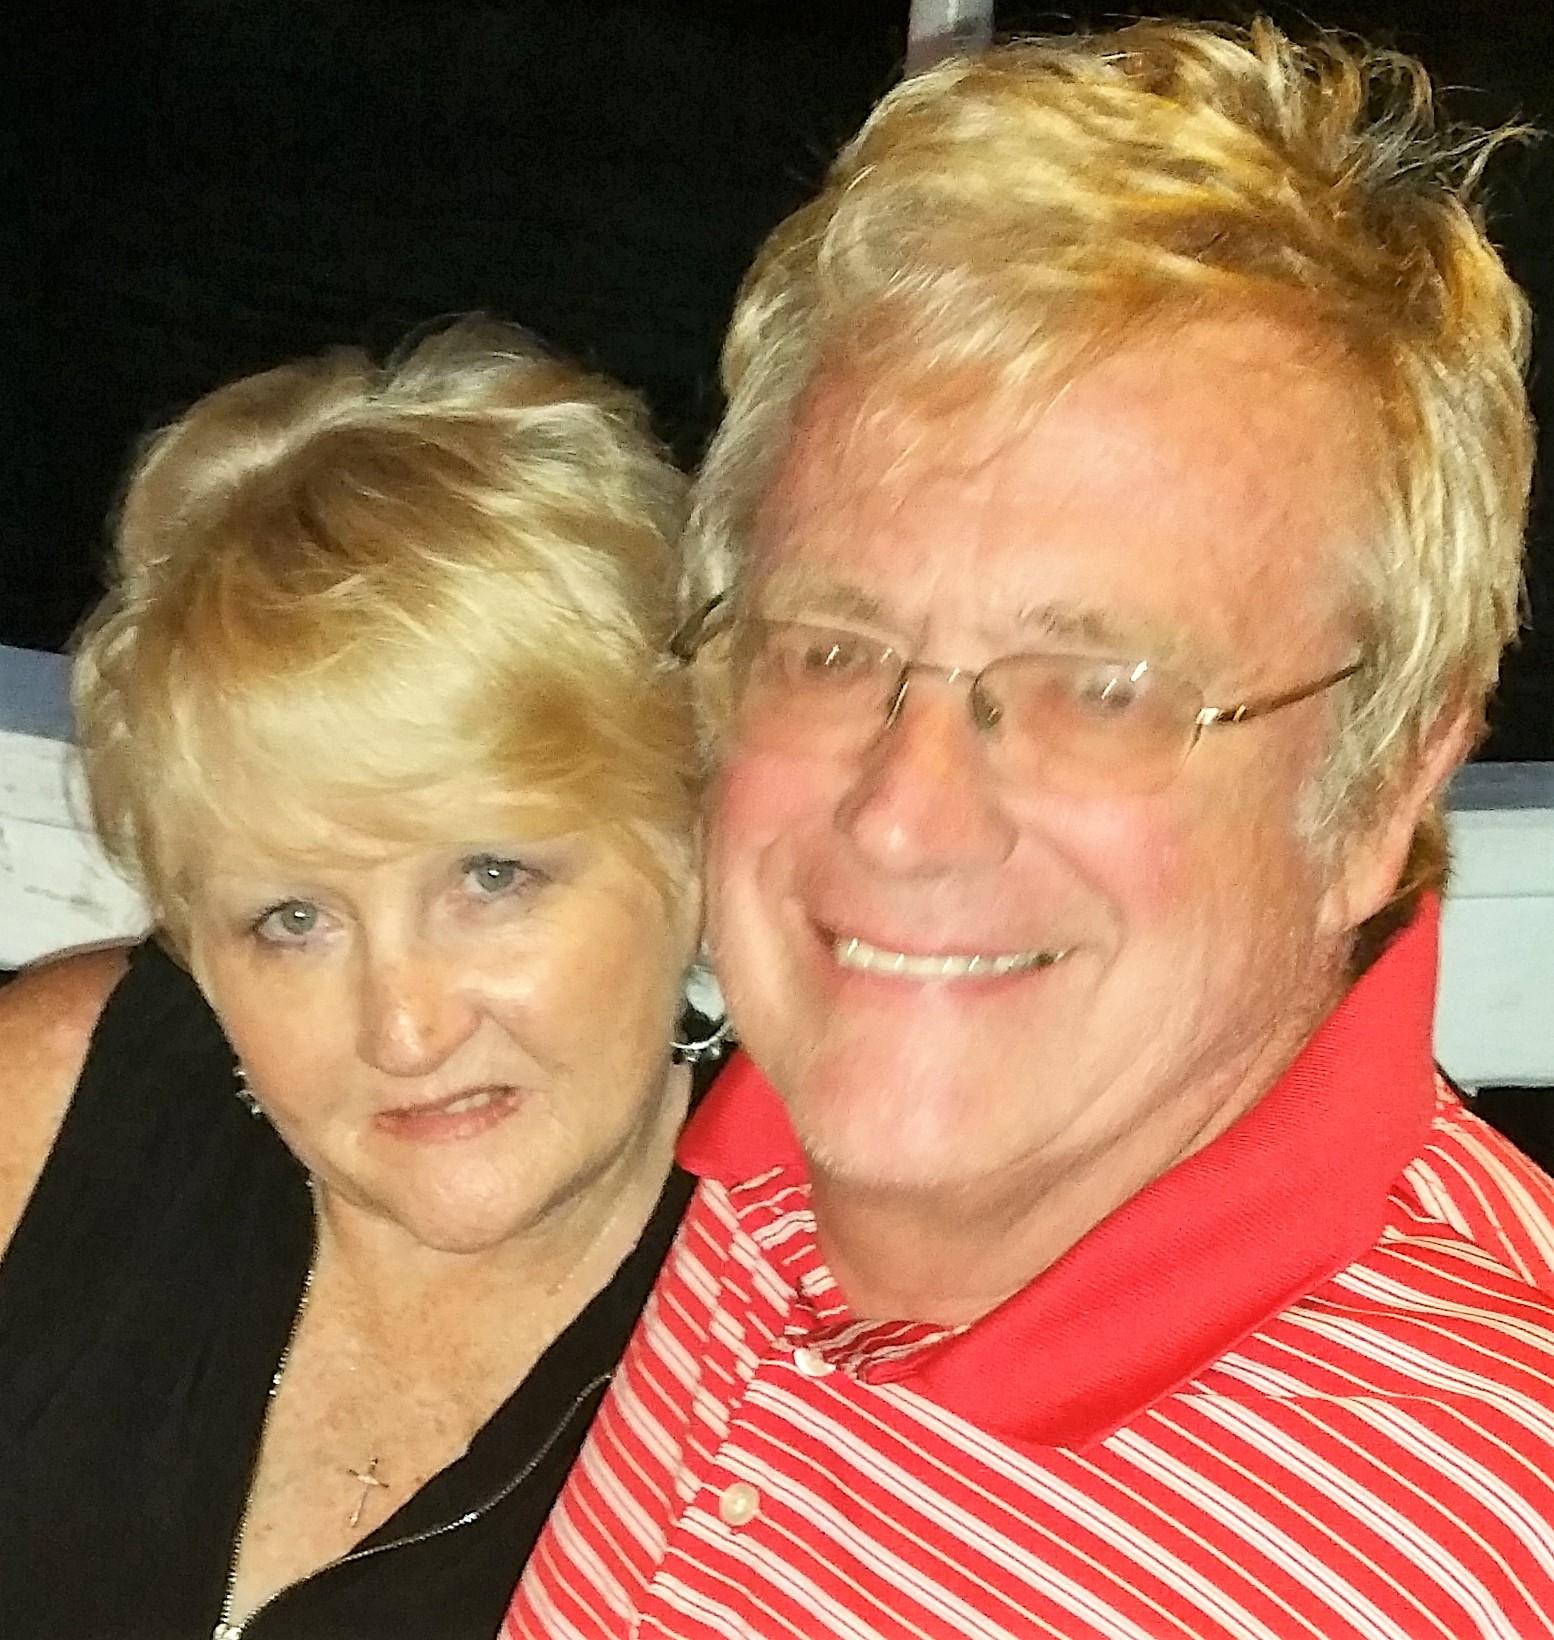 Paul and Shara